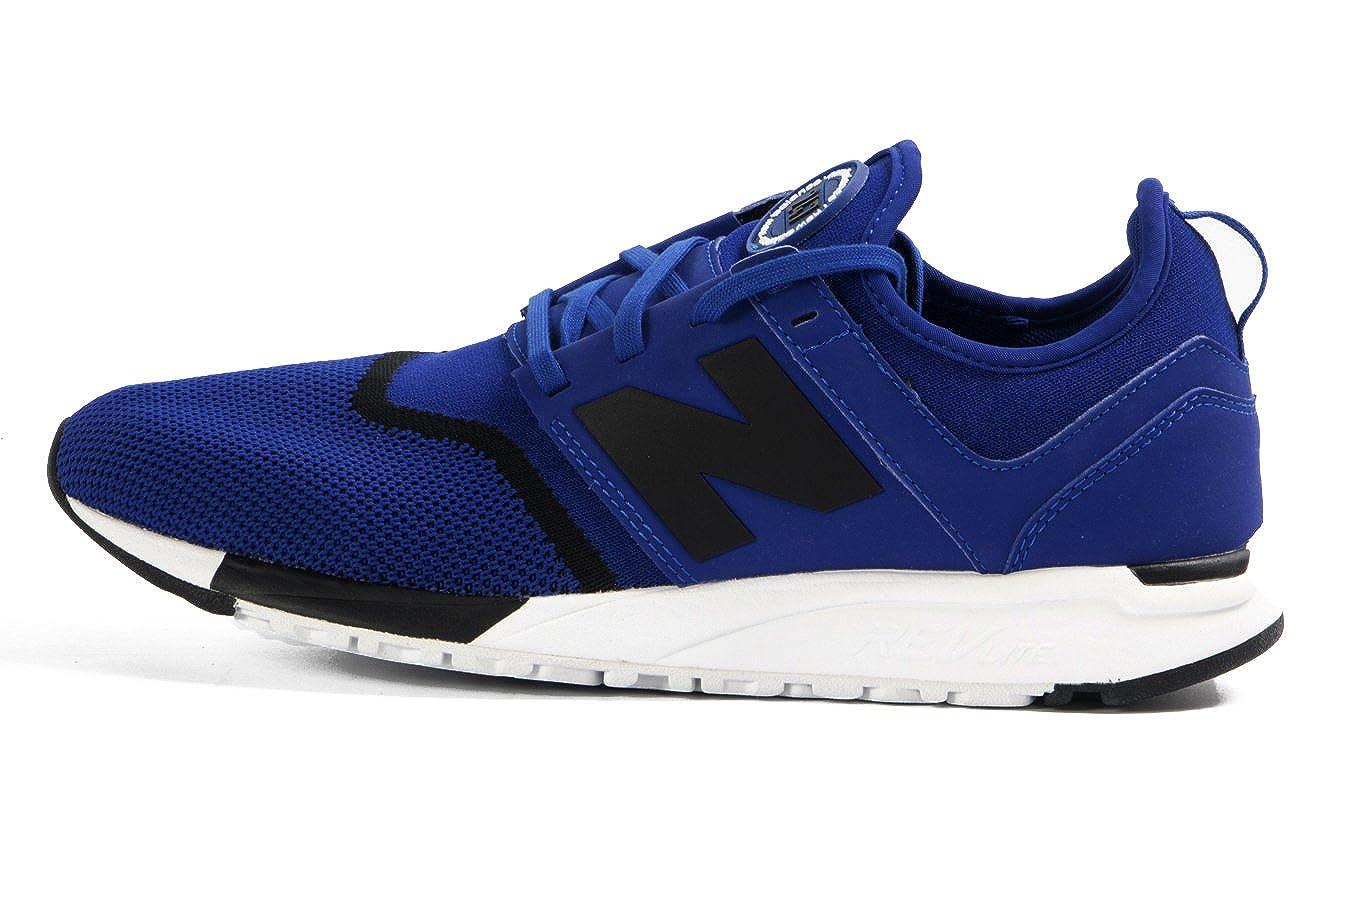 e144f22de7cd4a New Balance Herren 247 Classic Mesh Sneaker  Amazon.de  Schuhe   Handtaschen